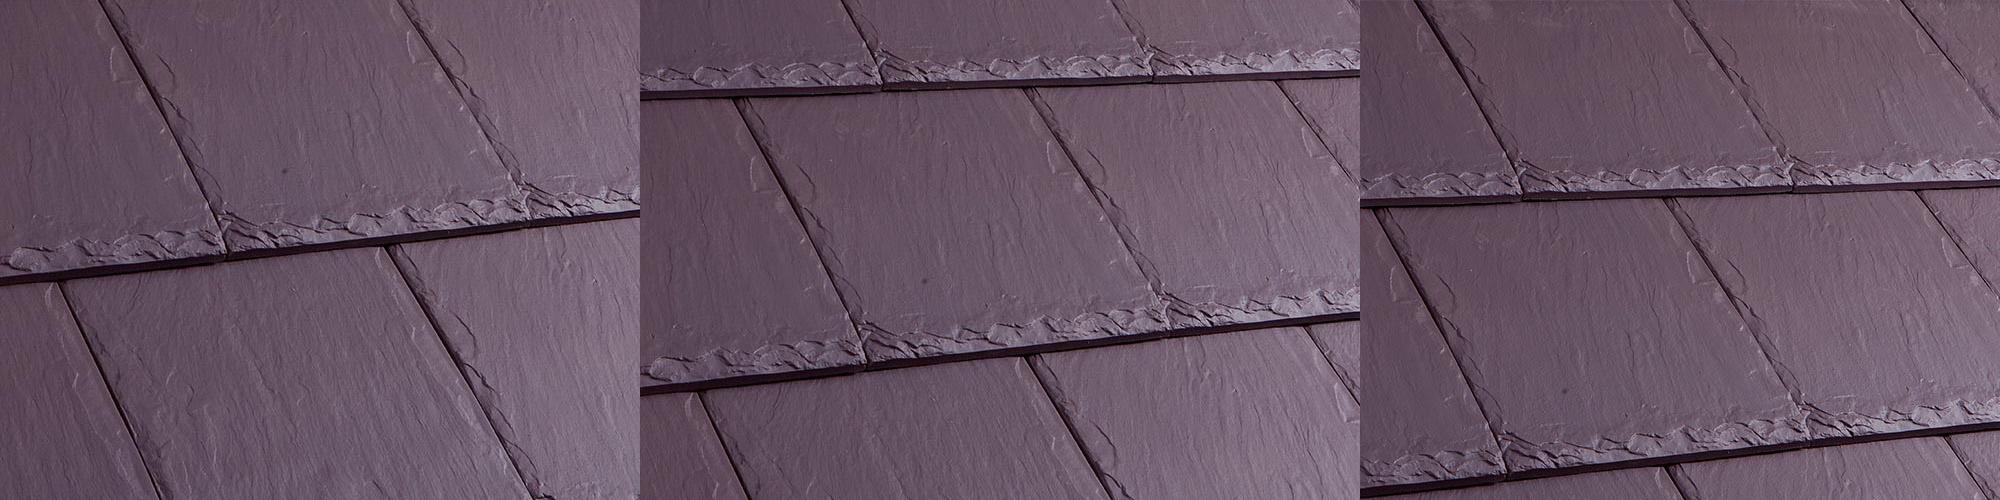 rivius slate effect, slate tiles, slate roofing tiles, slate shrewsbury, slate chester